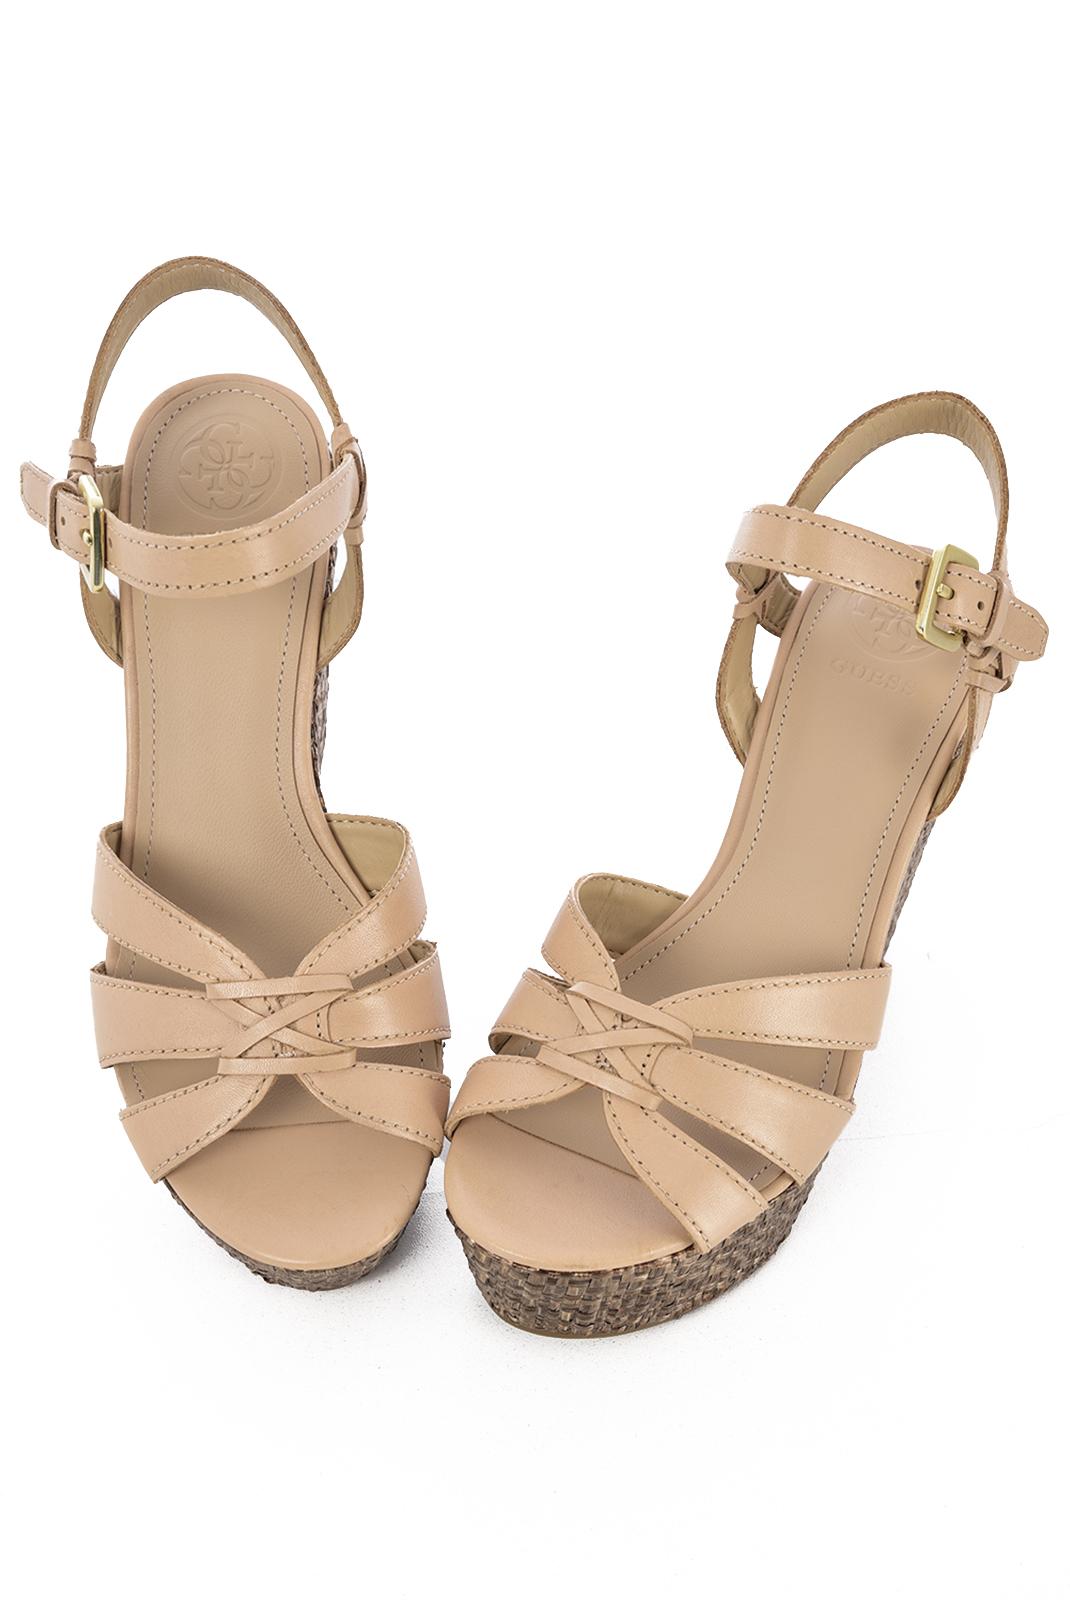 Chaussures  Guess jeans FL6GUL LEA04 NATU